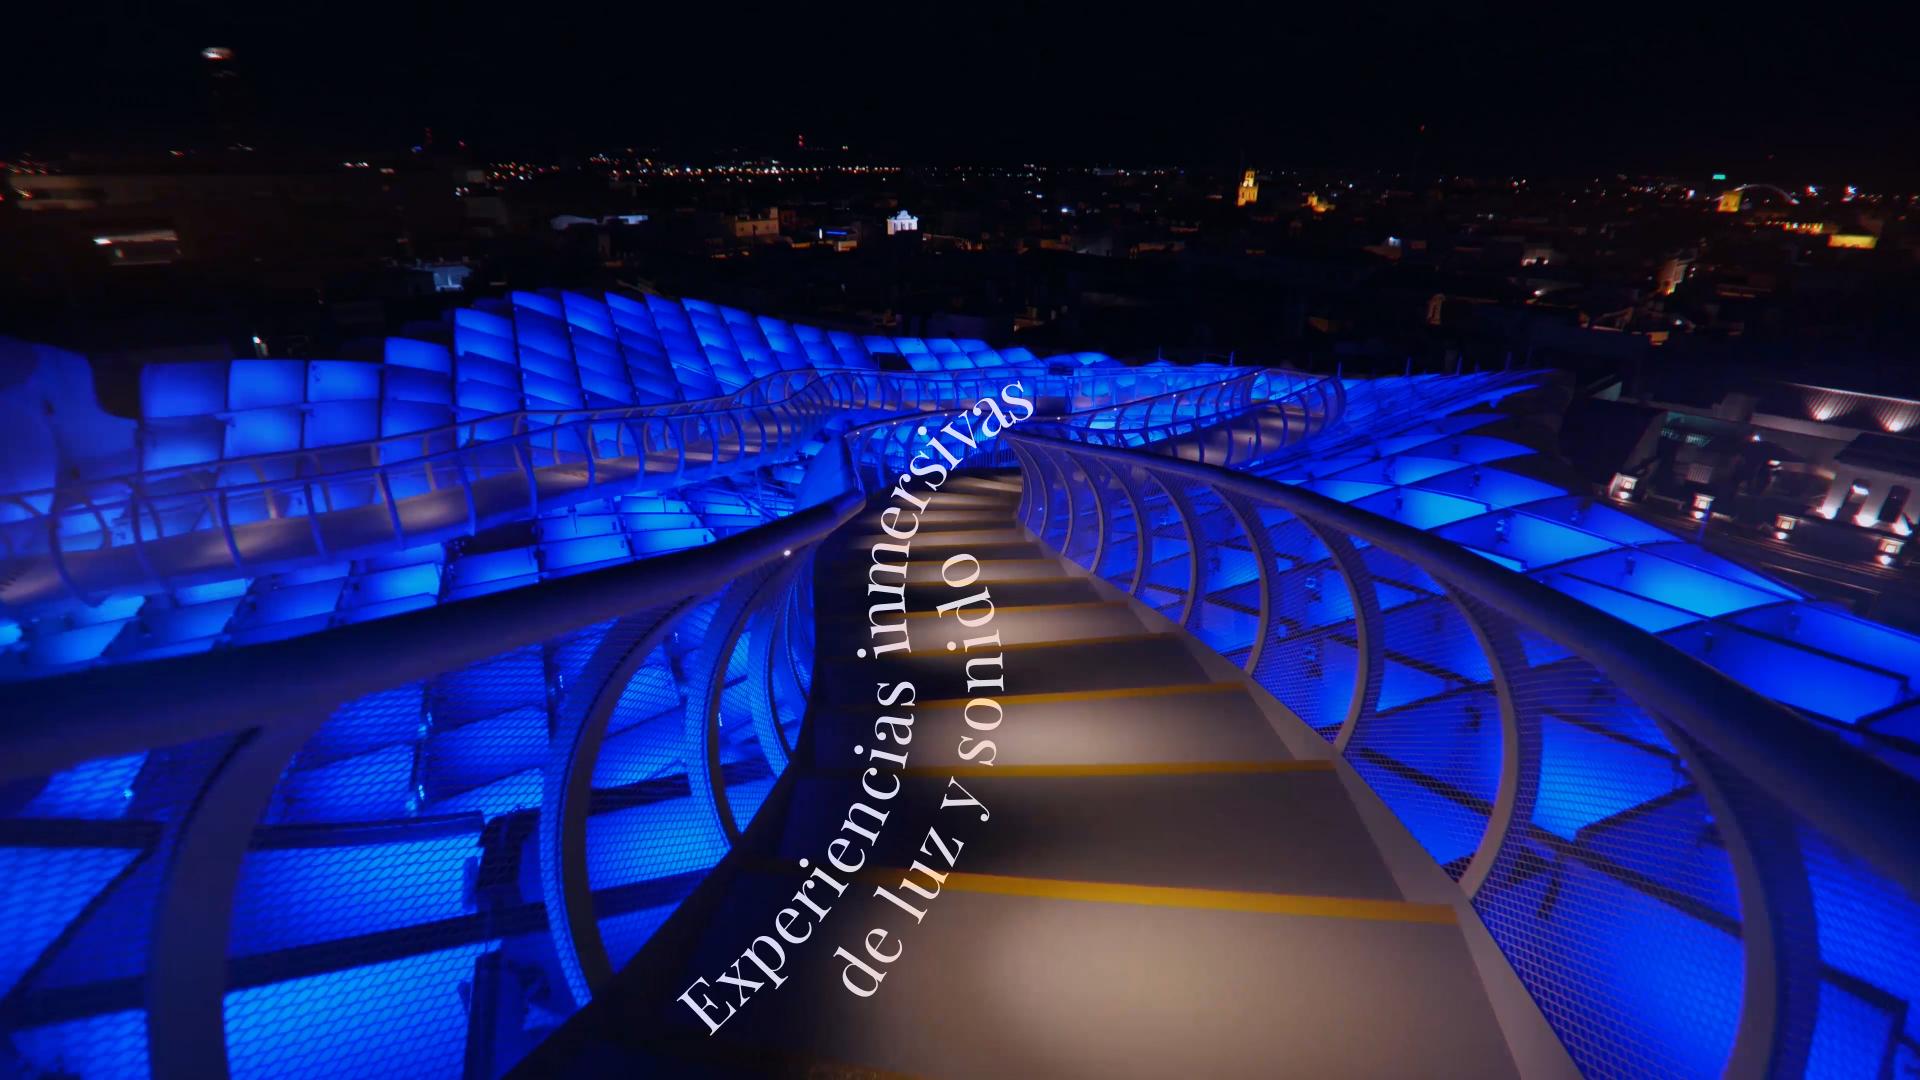 Experiencias inmersivas de luz y sonido